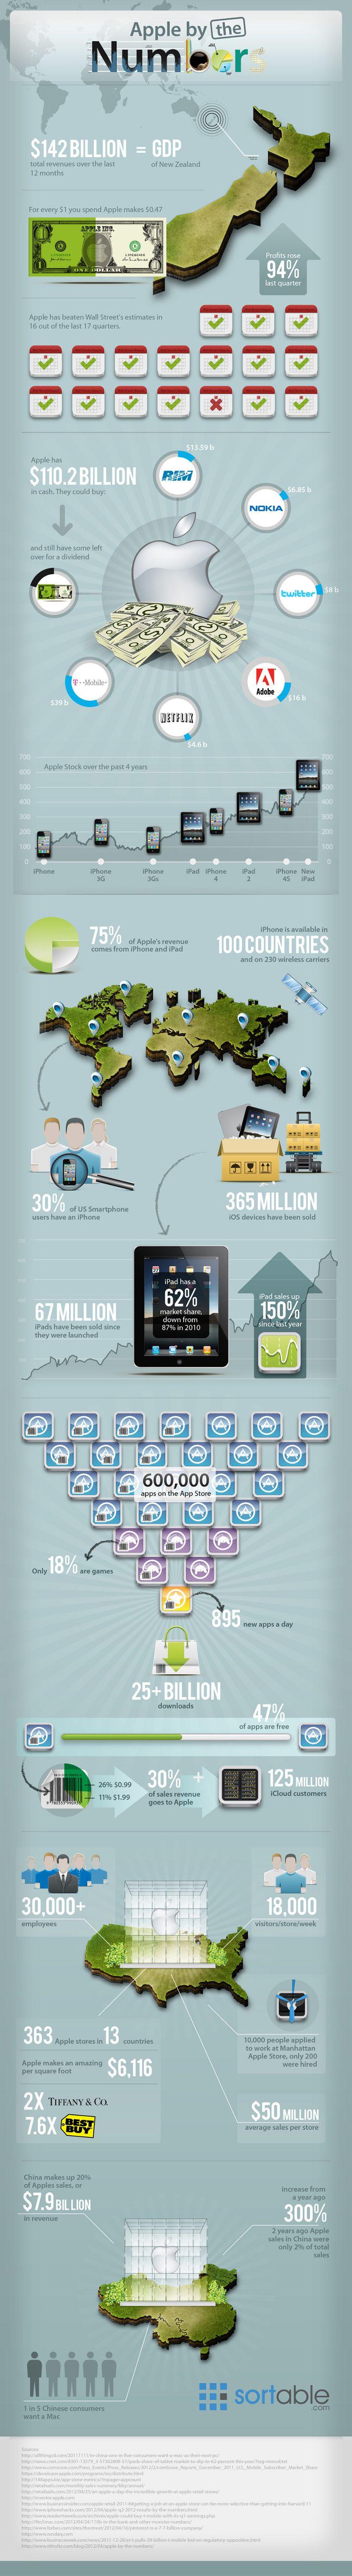 Apple : la preuve par les chiffres